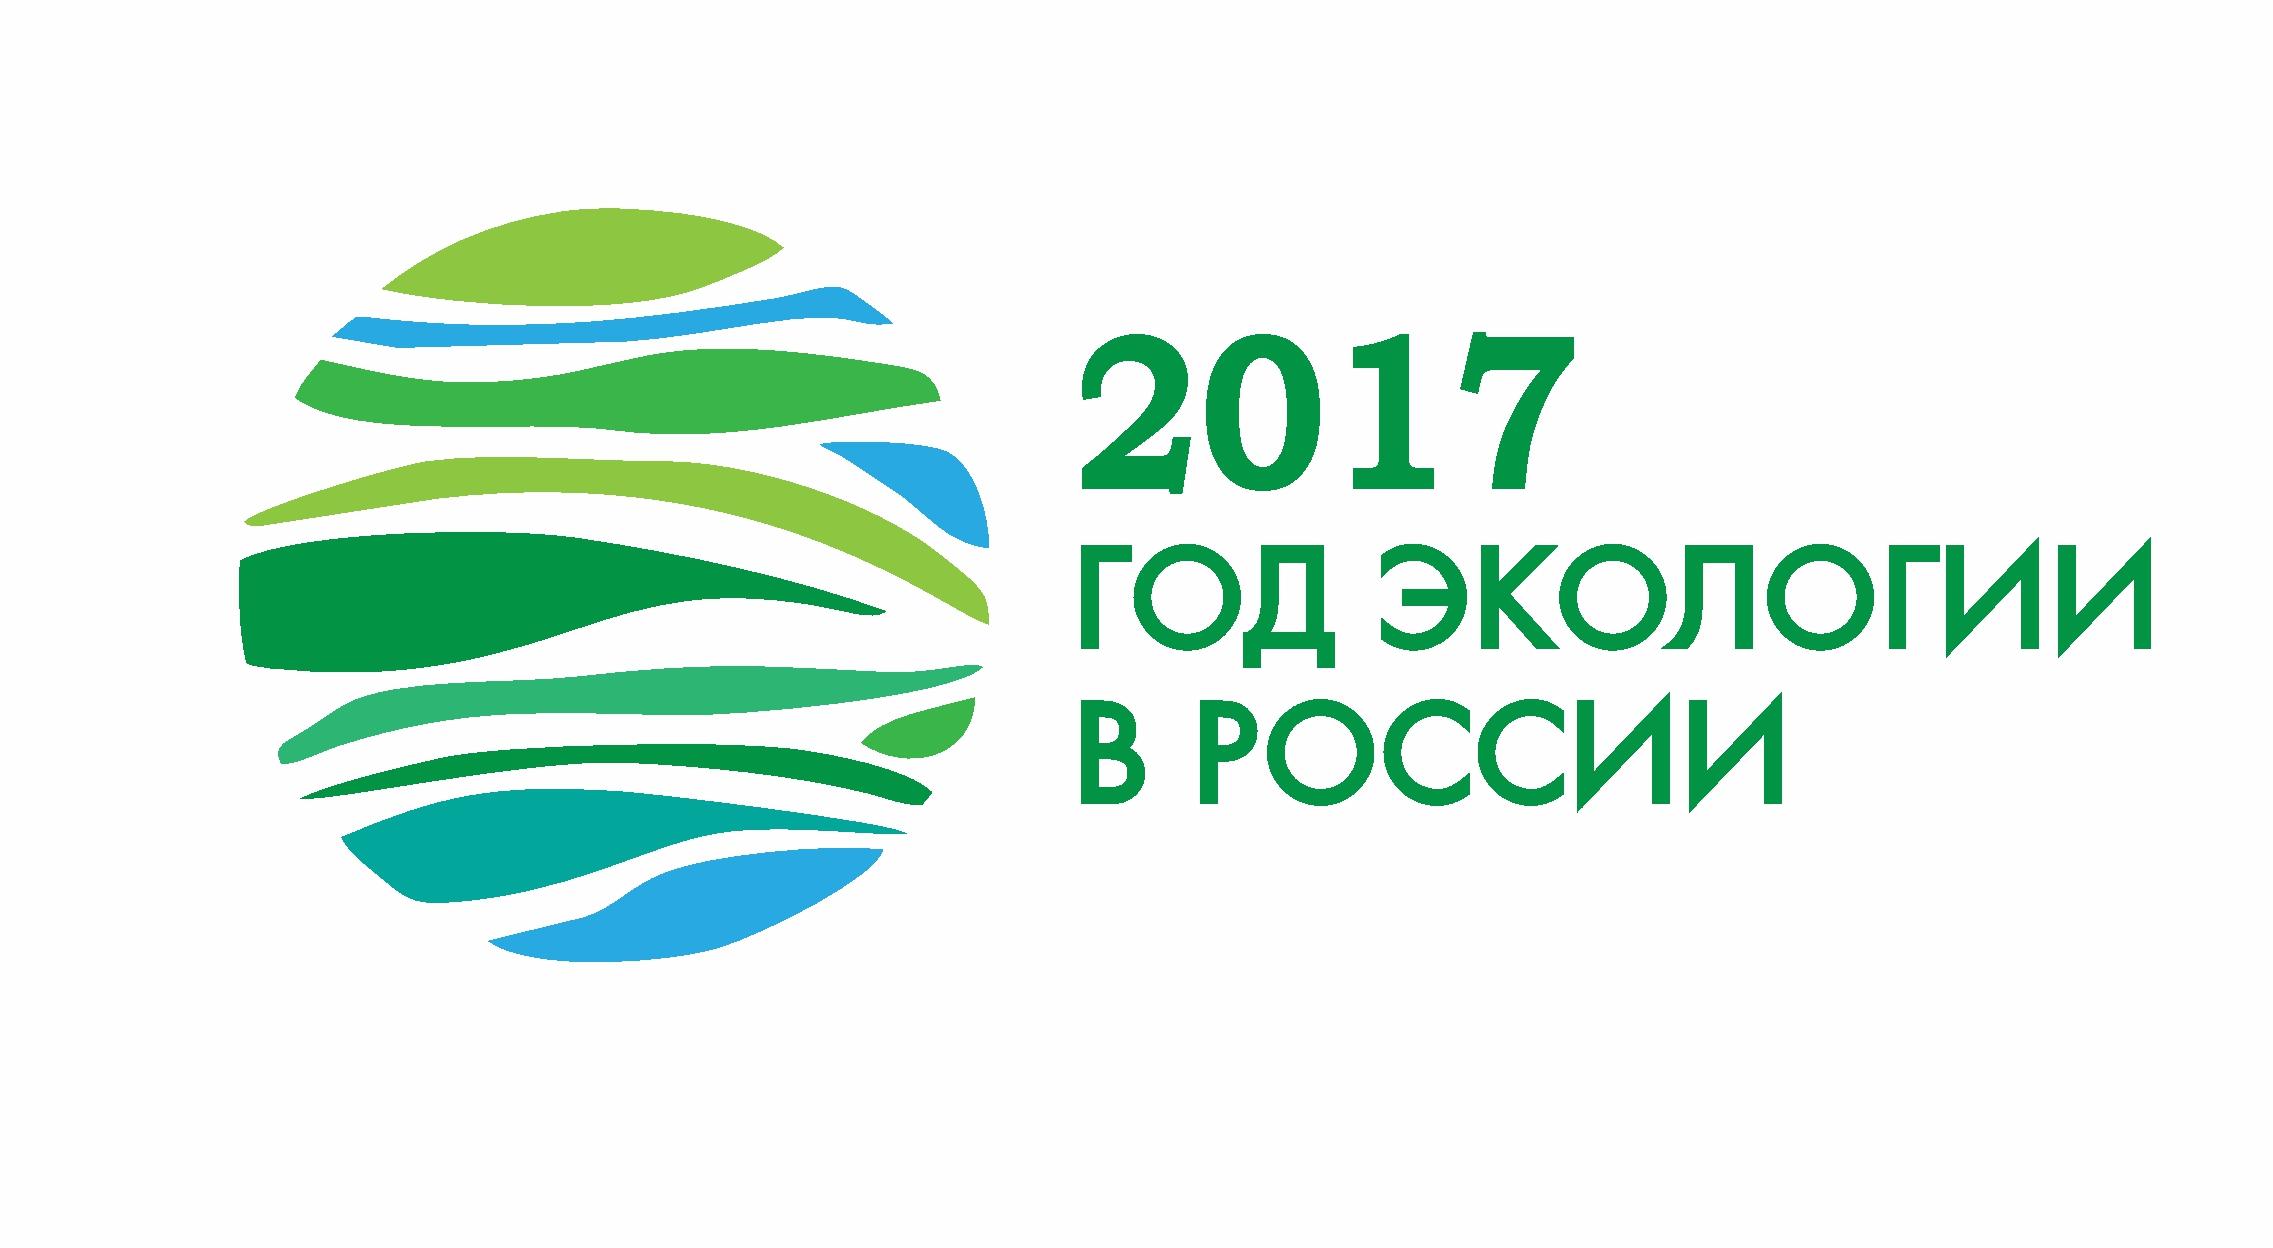 Картинки по запросу департамент экологии россии